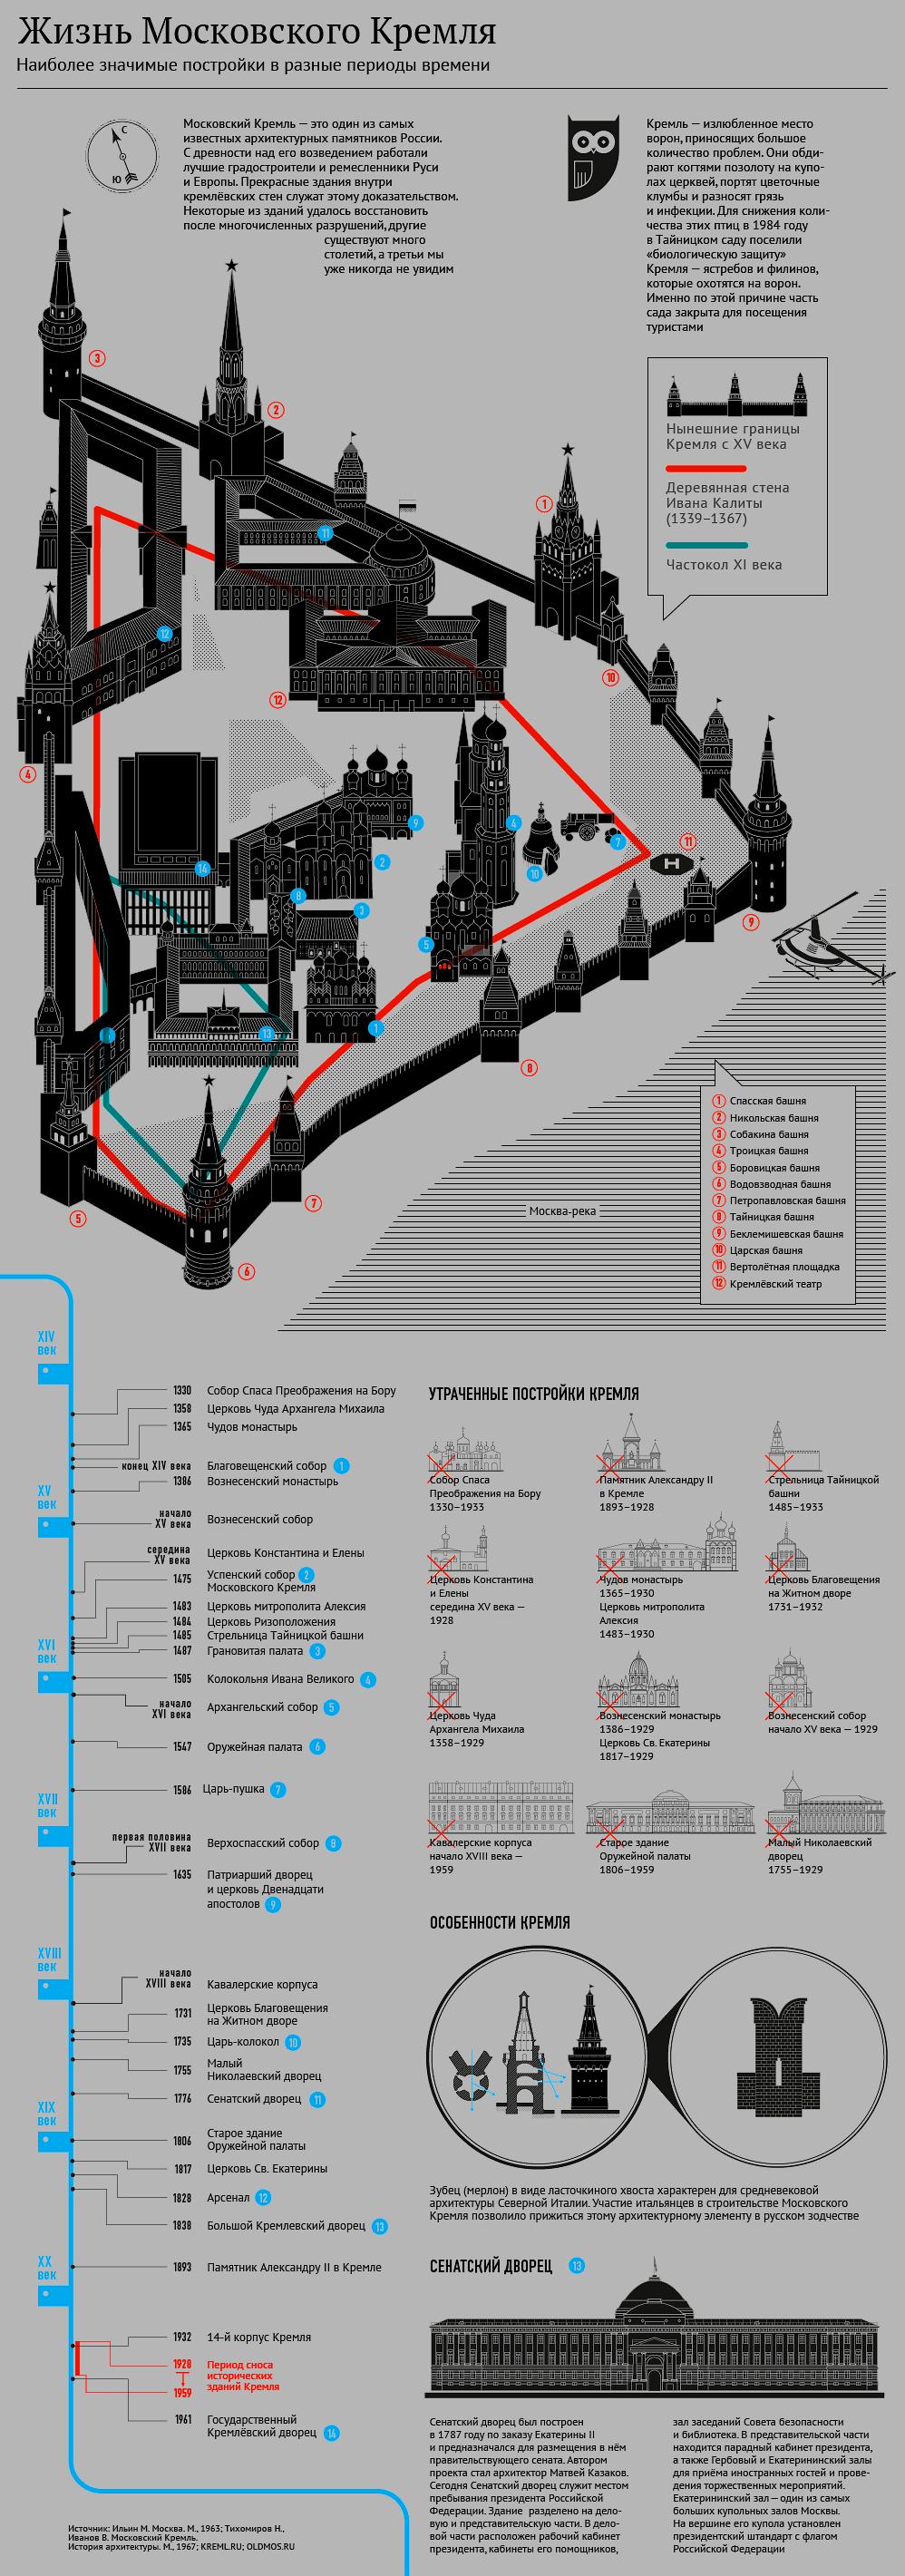 14 корпус кремля схема